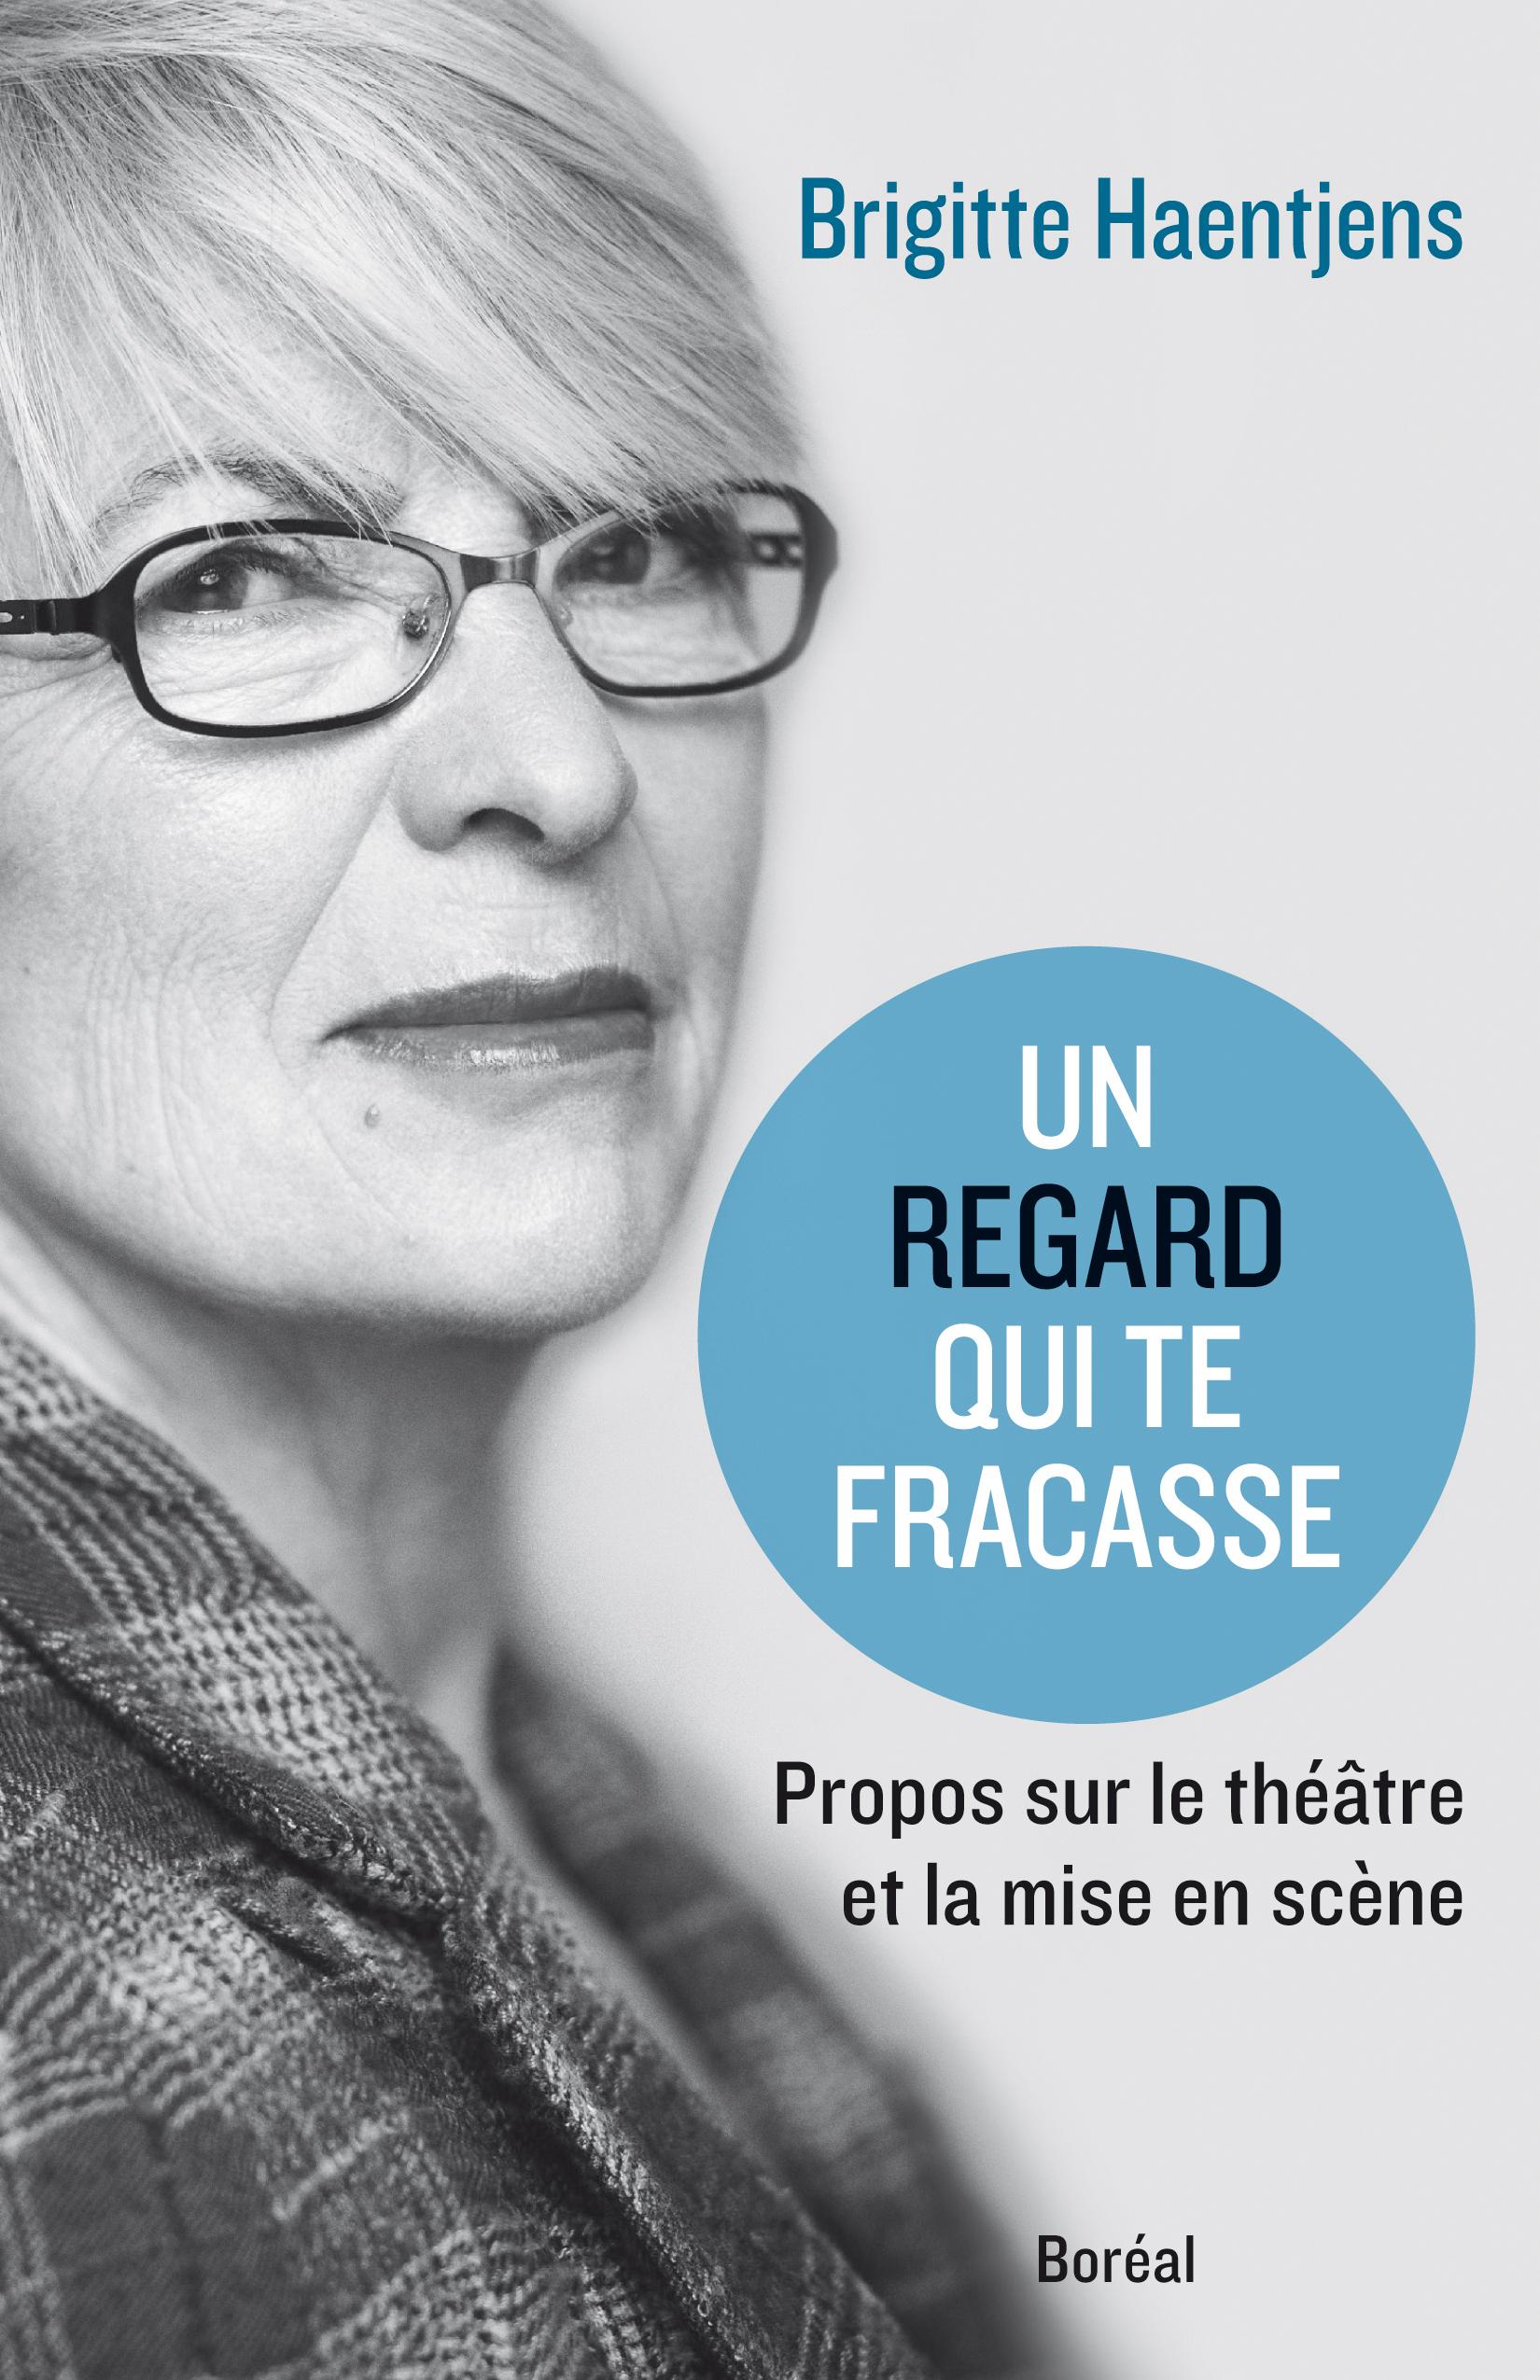 Couverture : Un regard qui te fracasse : propos sur le théâtre et... Brigitte Haentjens